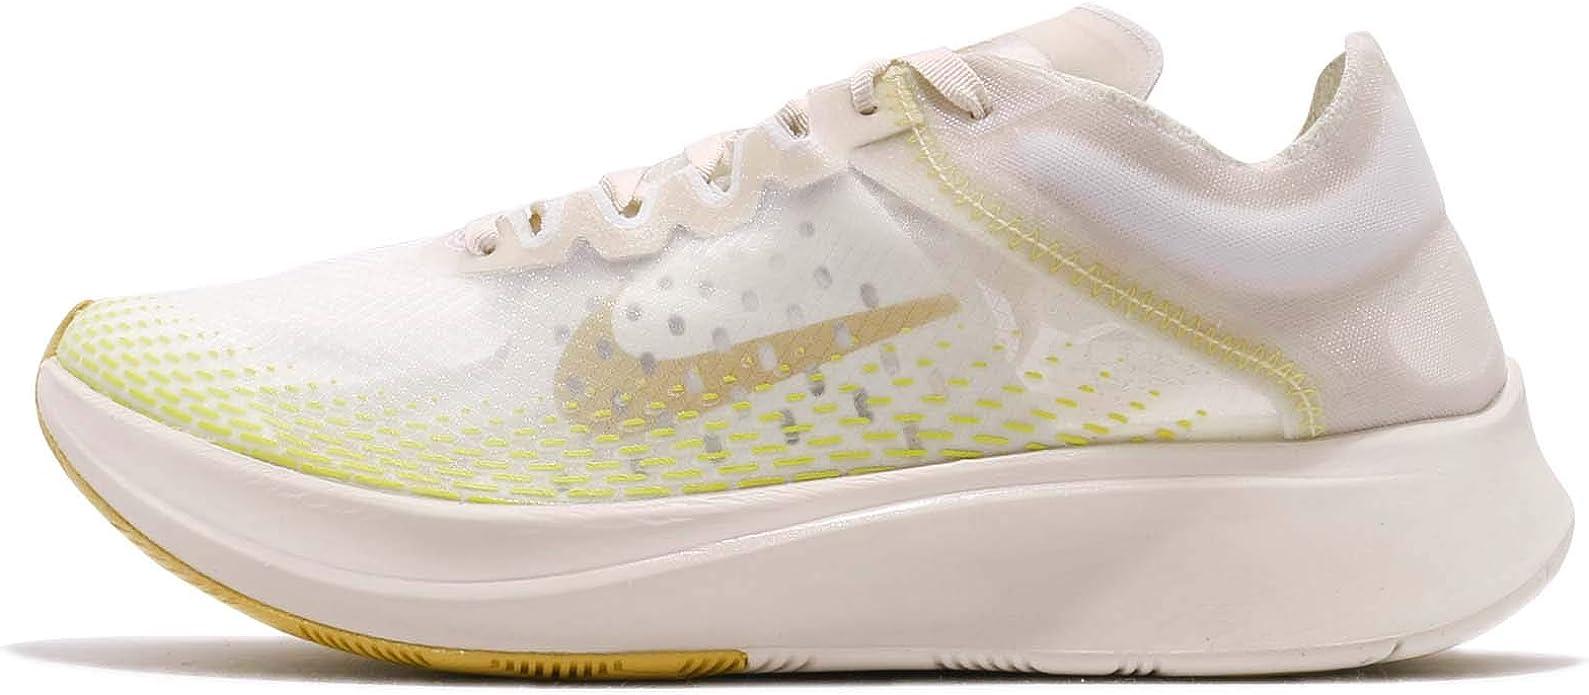 Nike Zoom Fly SP - Zapatillas de Running para Hombre: Amazon.es: Zapatos y complementos